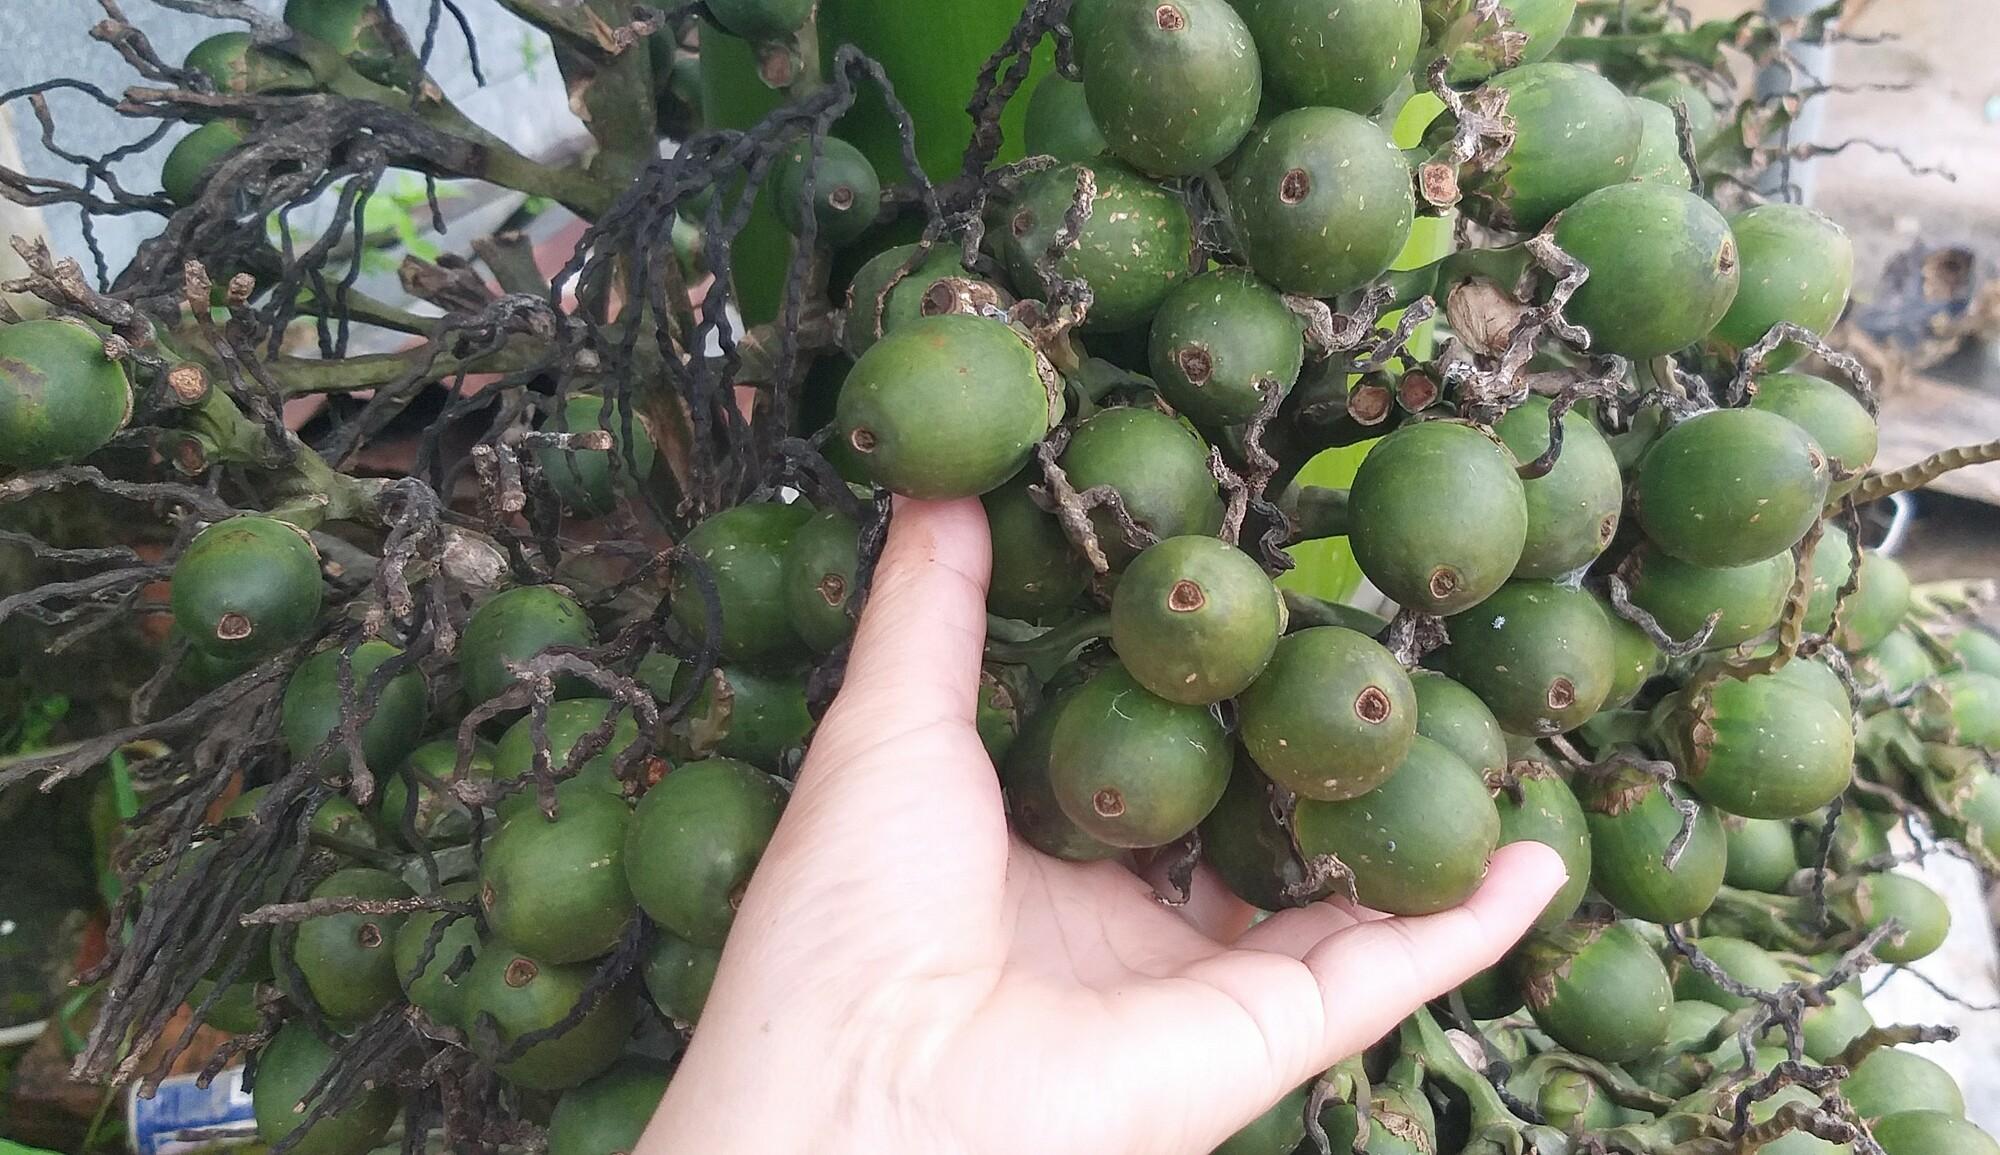 Cau tại nhà vườn ở Kon Tum. Ảnh: Hồng Châu